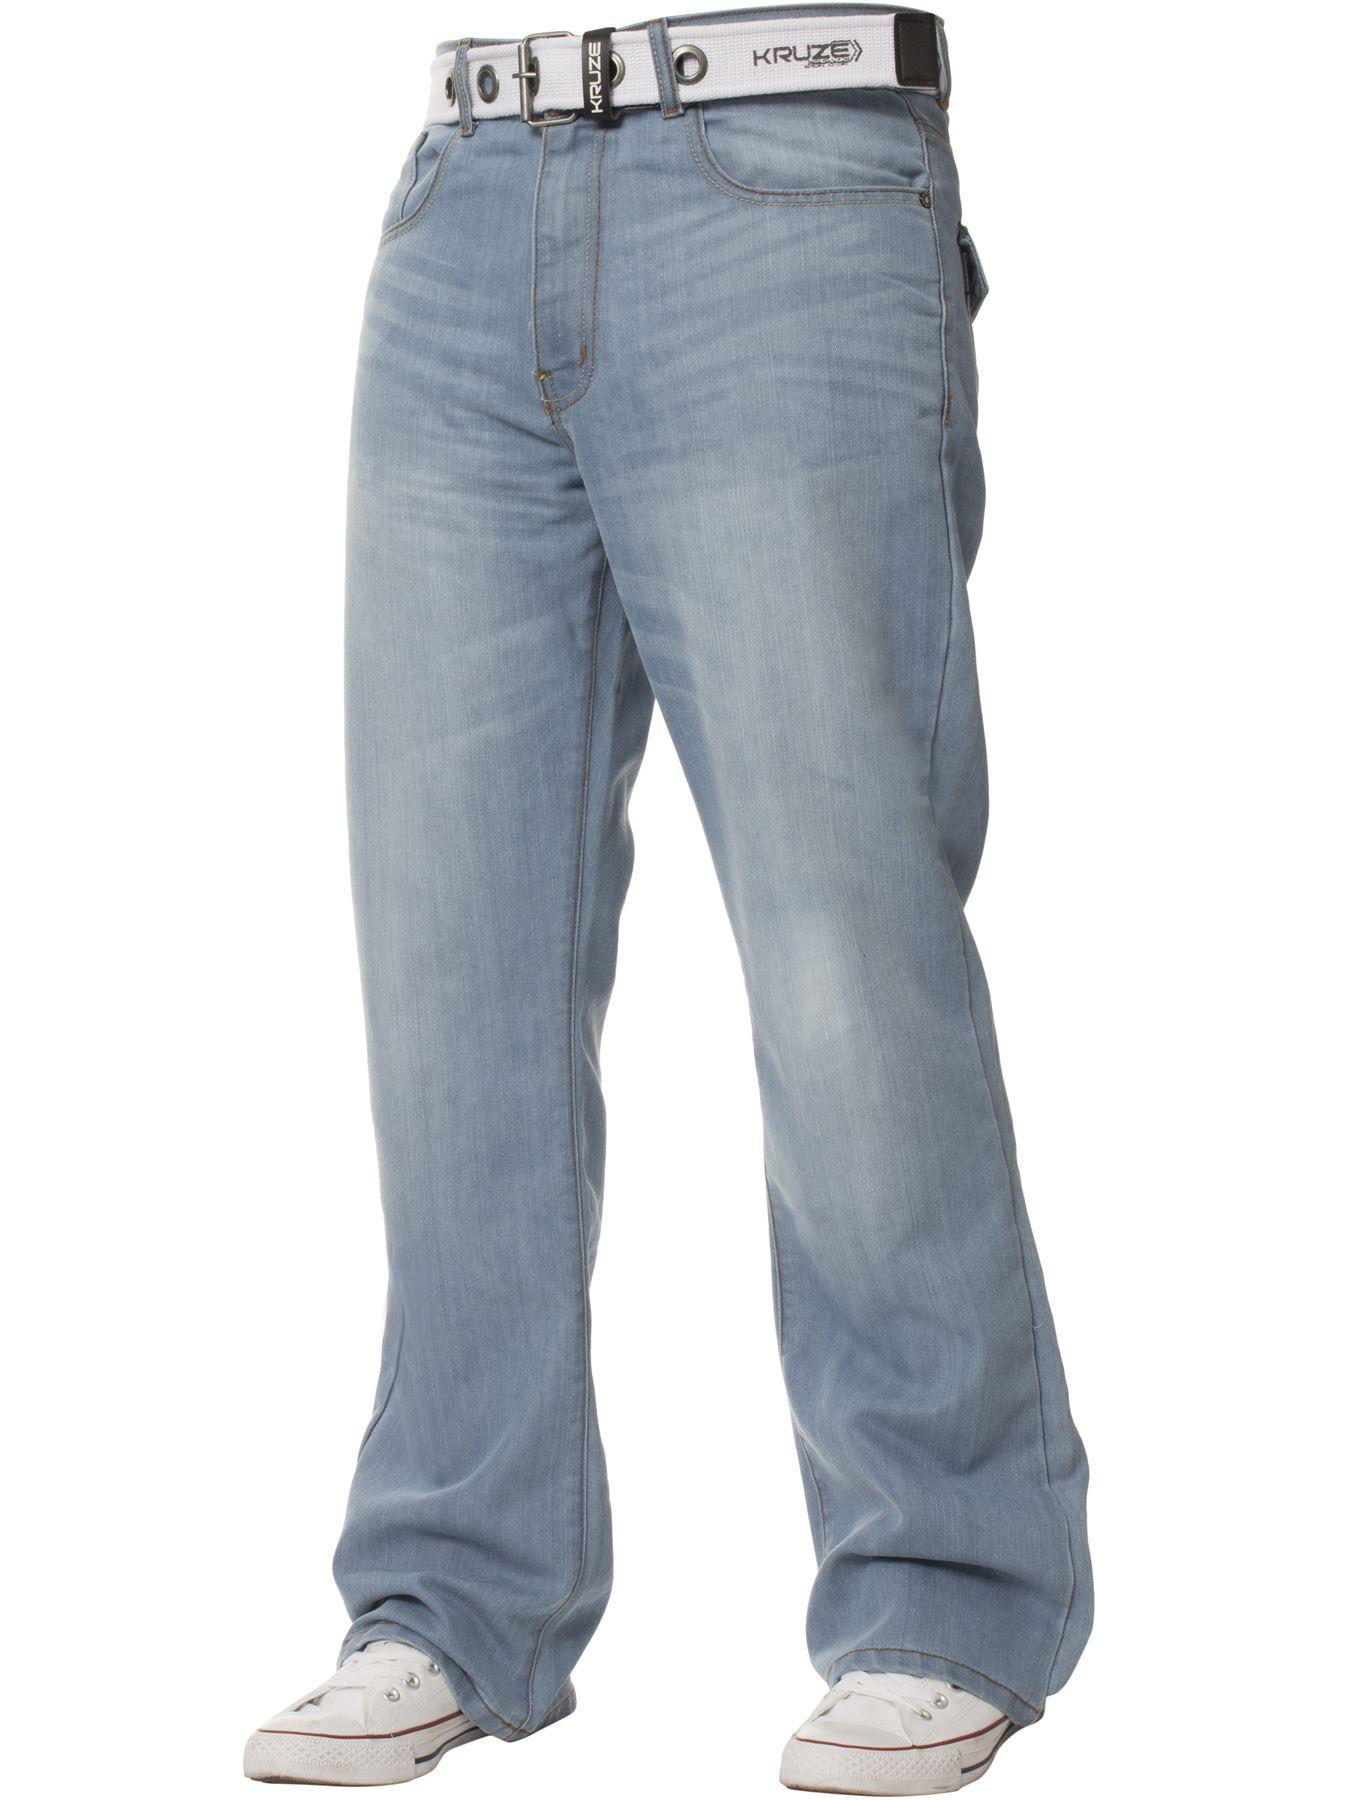 Kruze-Herren-Bootcut-Jeans-Ausgestellt-Weites-Bein-Denim-Hose-Gross-Hoch-Koenig Indexbild 9